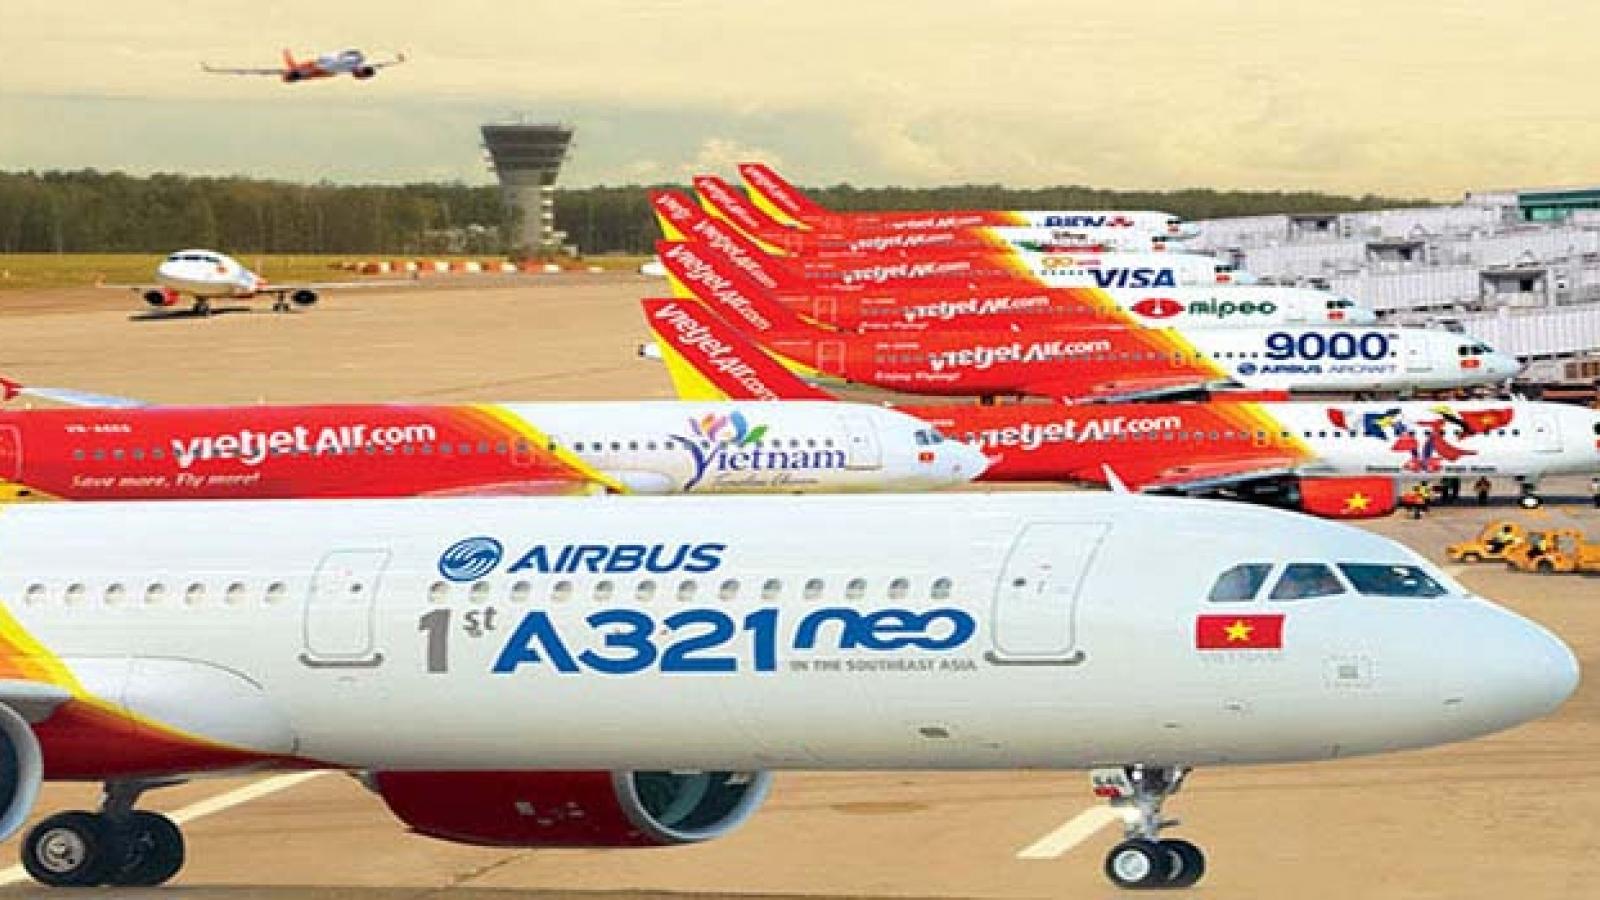 Áp giá sàn vé máy bay: Cần đánh giá tác động với các hãng hàng không